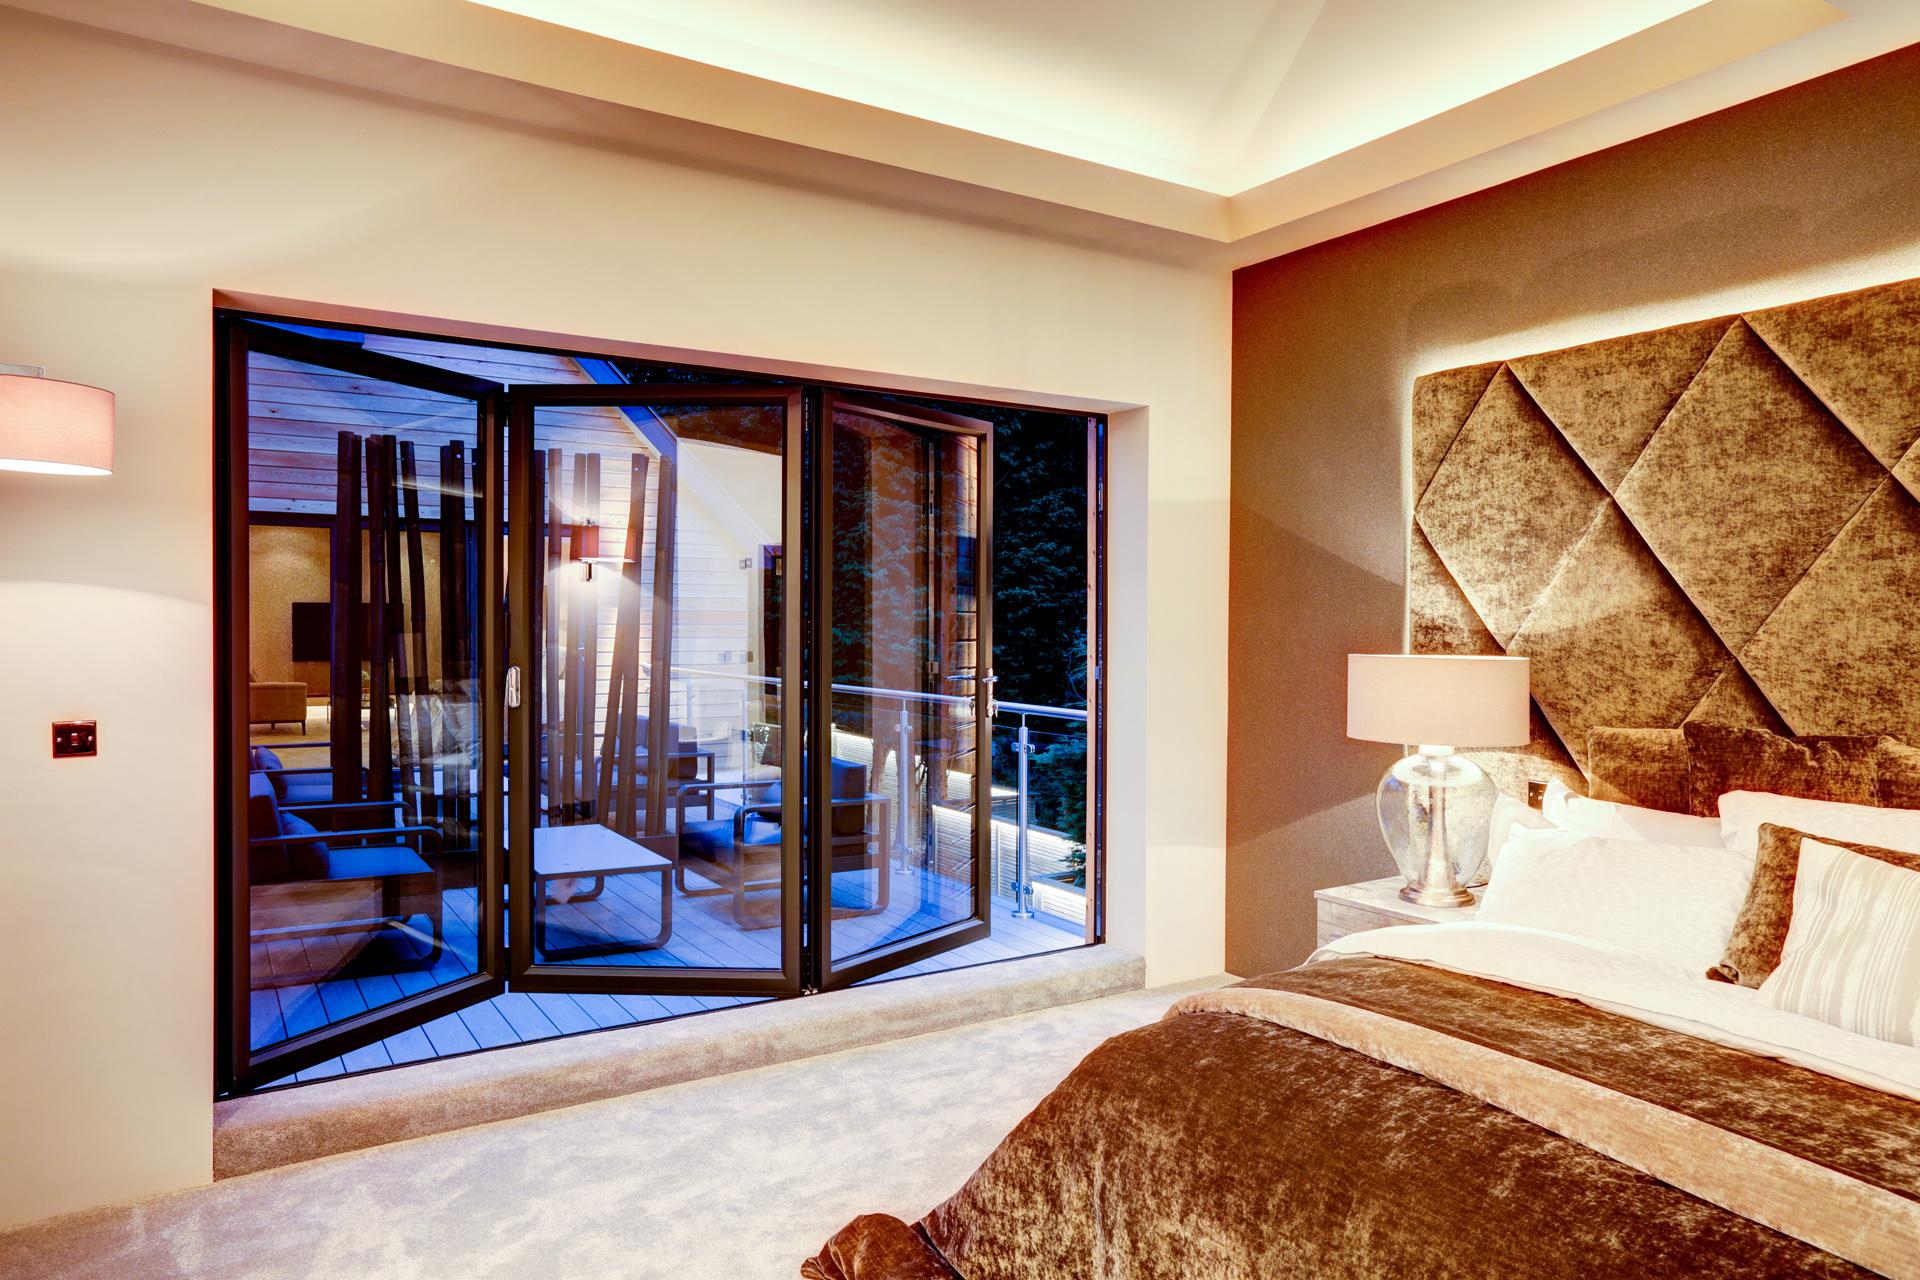 fairmont bedroom lighting